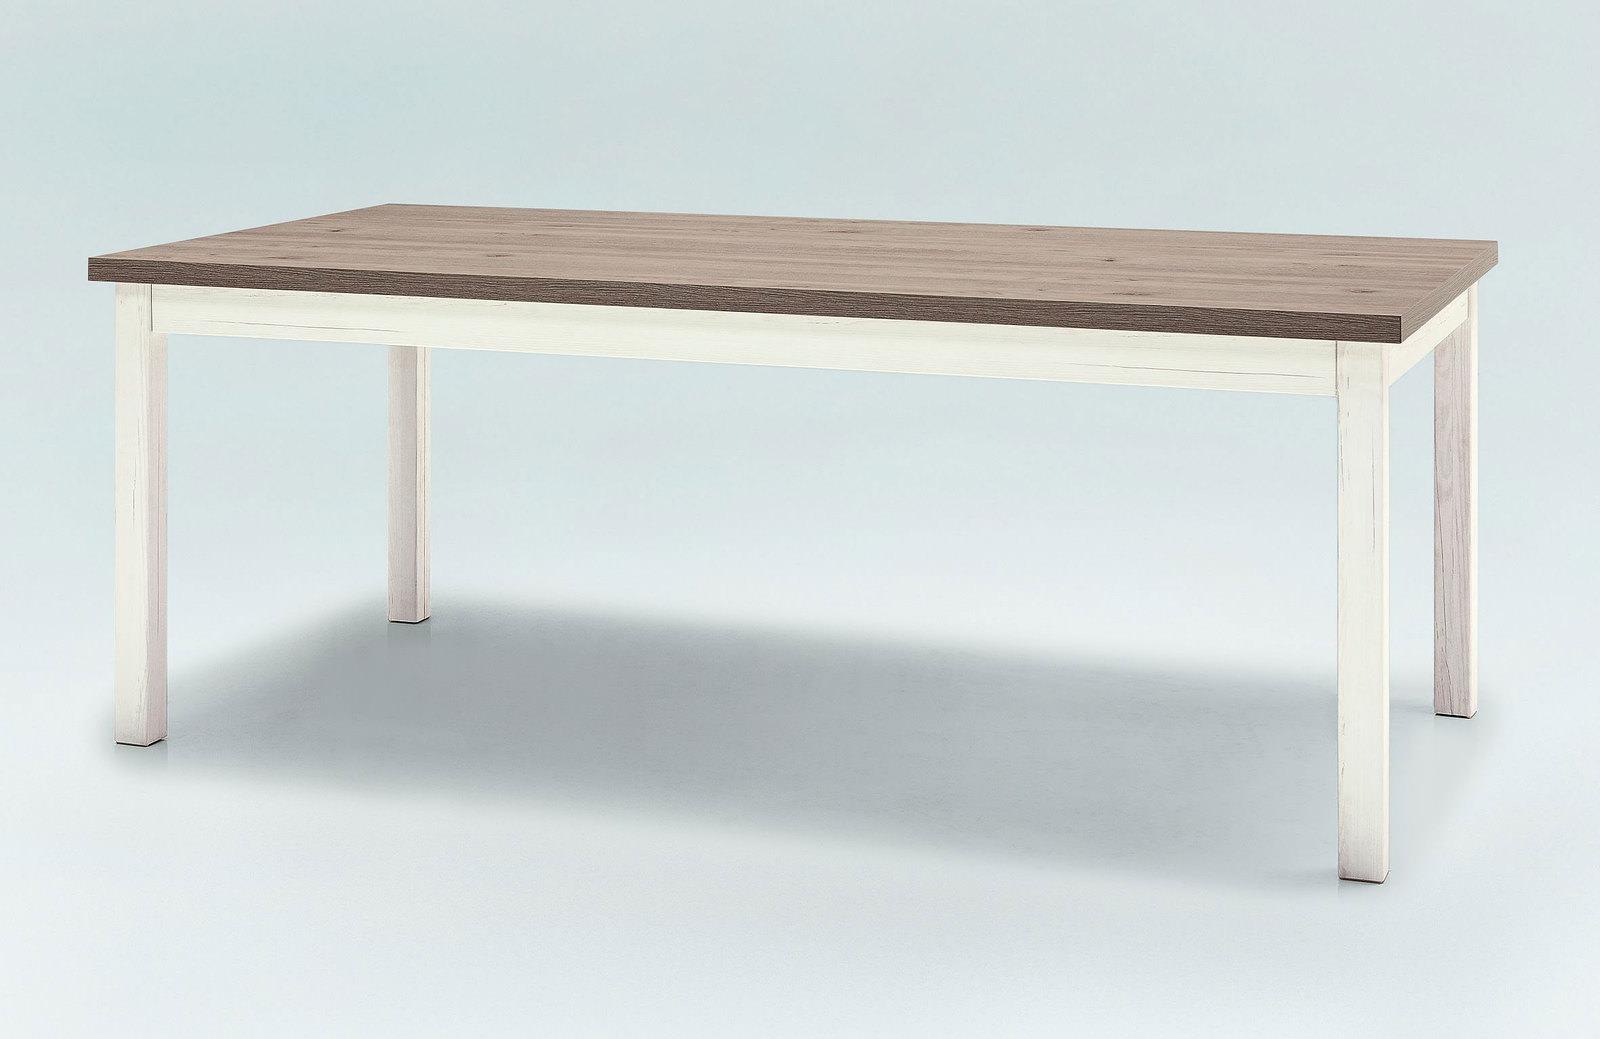 Musterring Tisch With Set One By Musterring Esstisch * Online Entdecken  Schaffrath Also Set One By